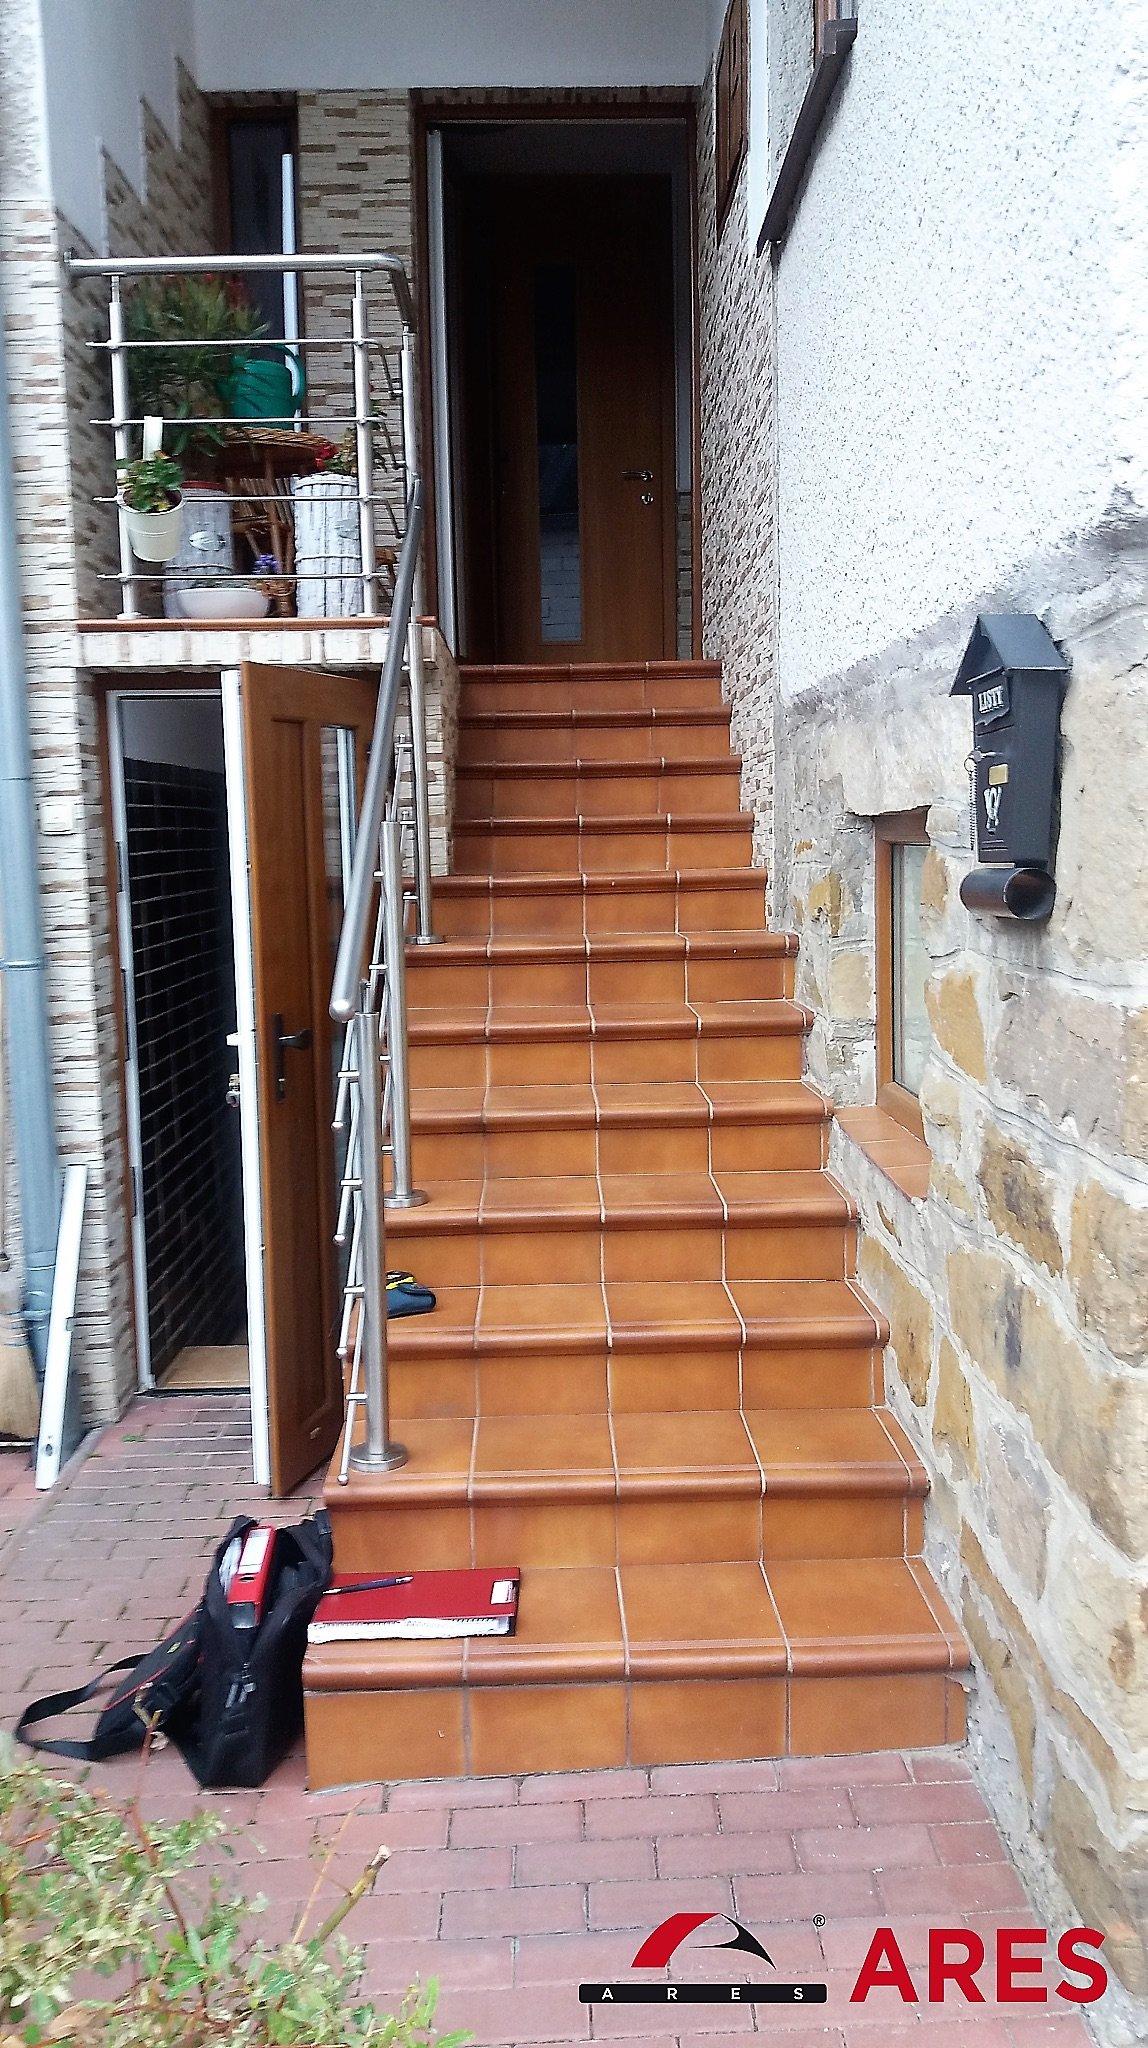 Zameranie novej schodiskovej plošiny   ARES